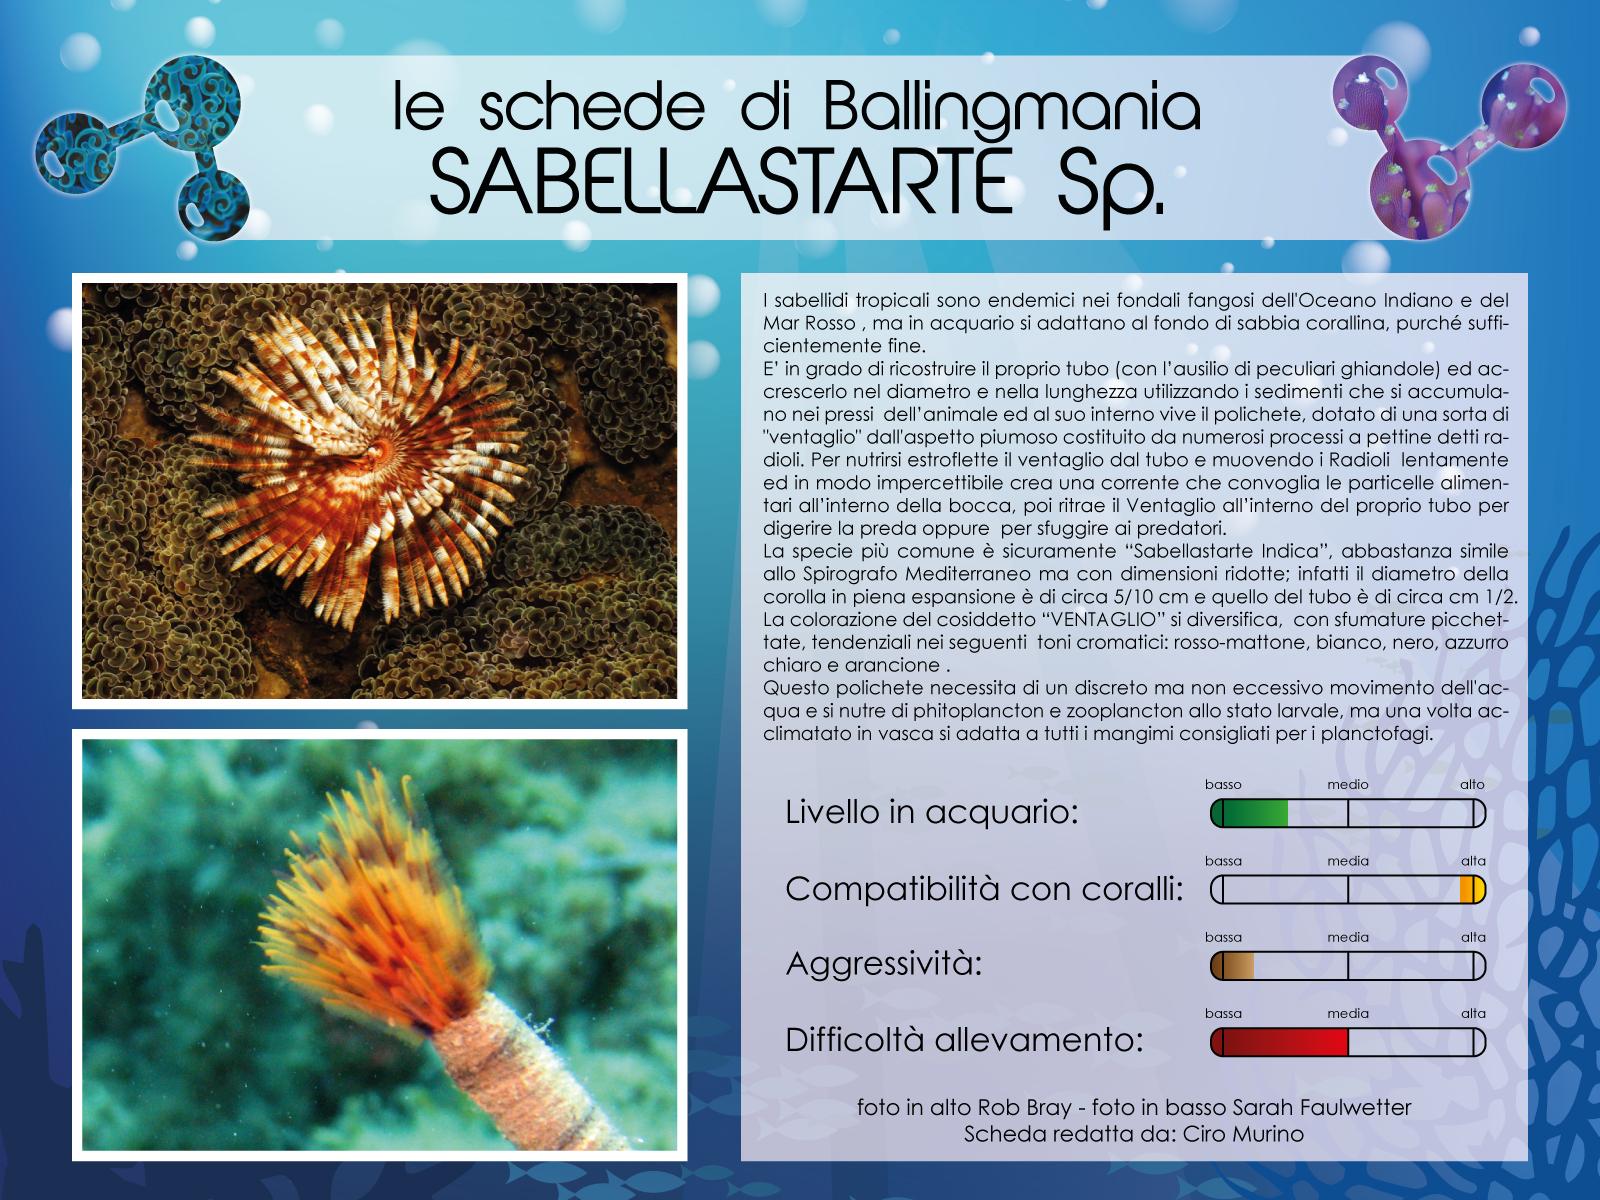 Sabellastarte Sp.